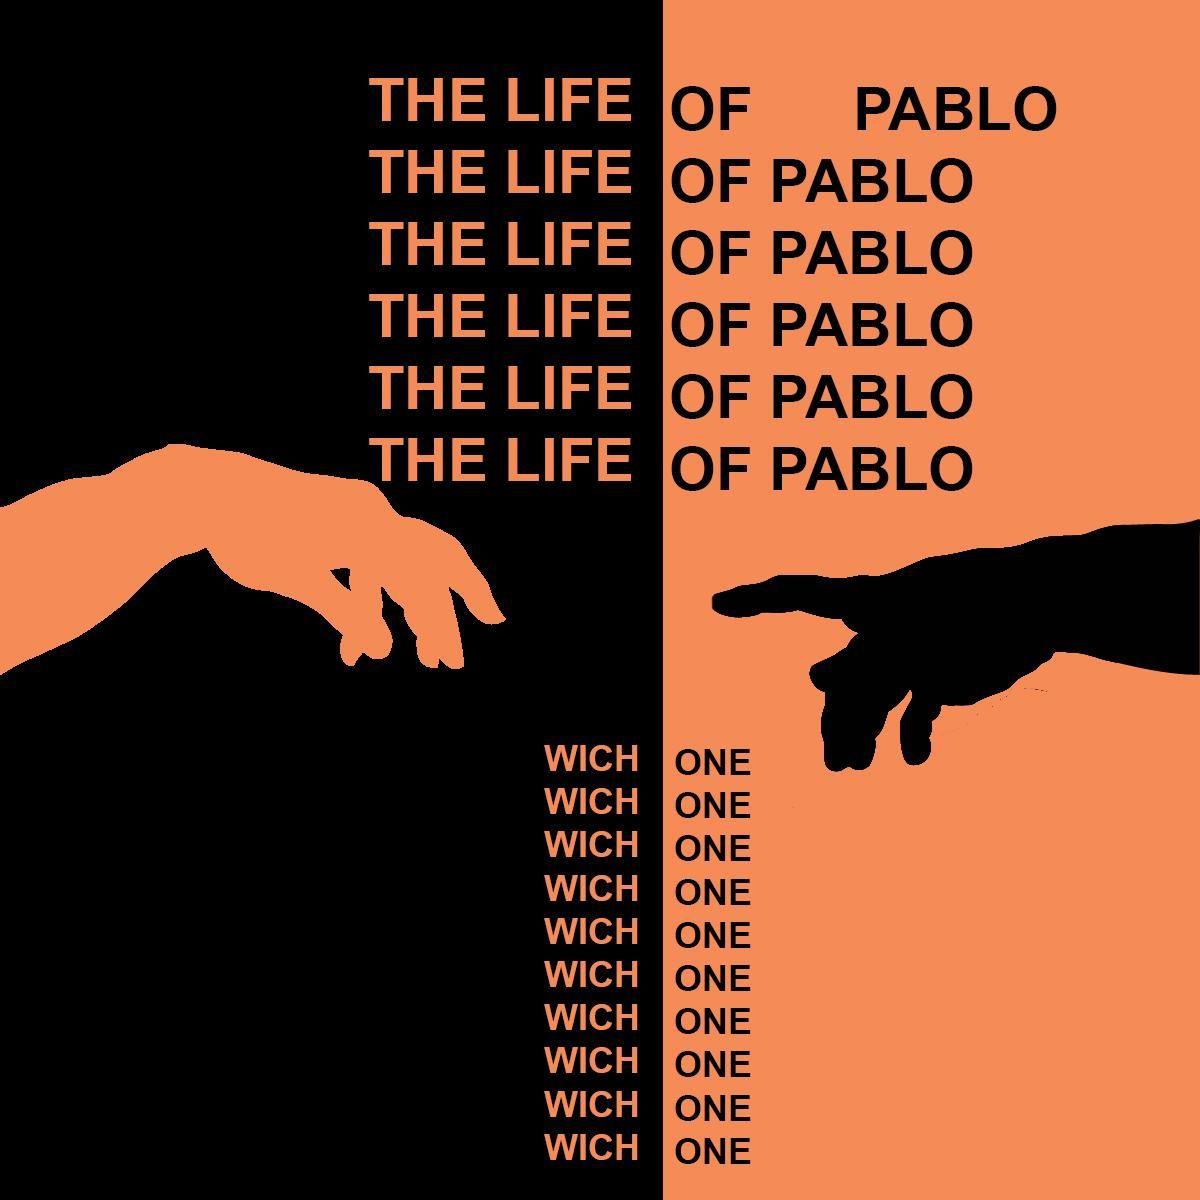 Kanye West The Life Of Pablo Kanye West Album Cover Kanye West Wallpaper Kanye West